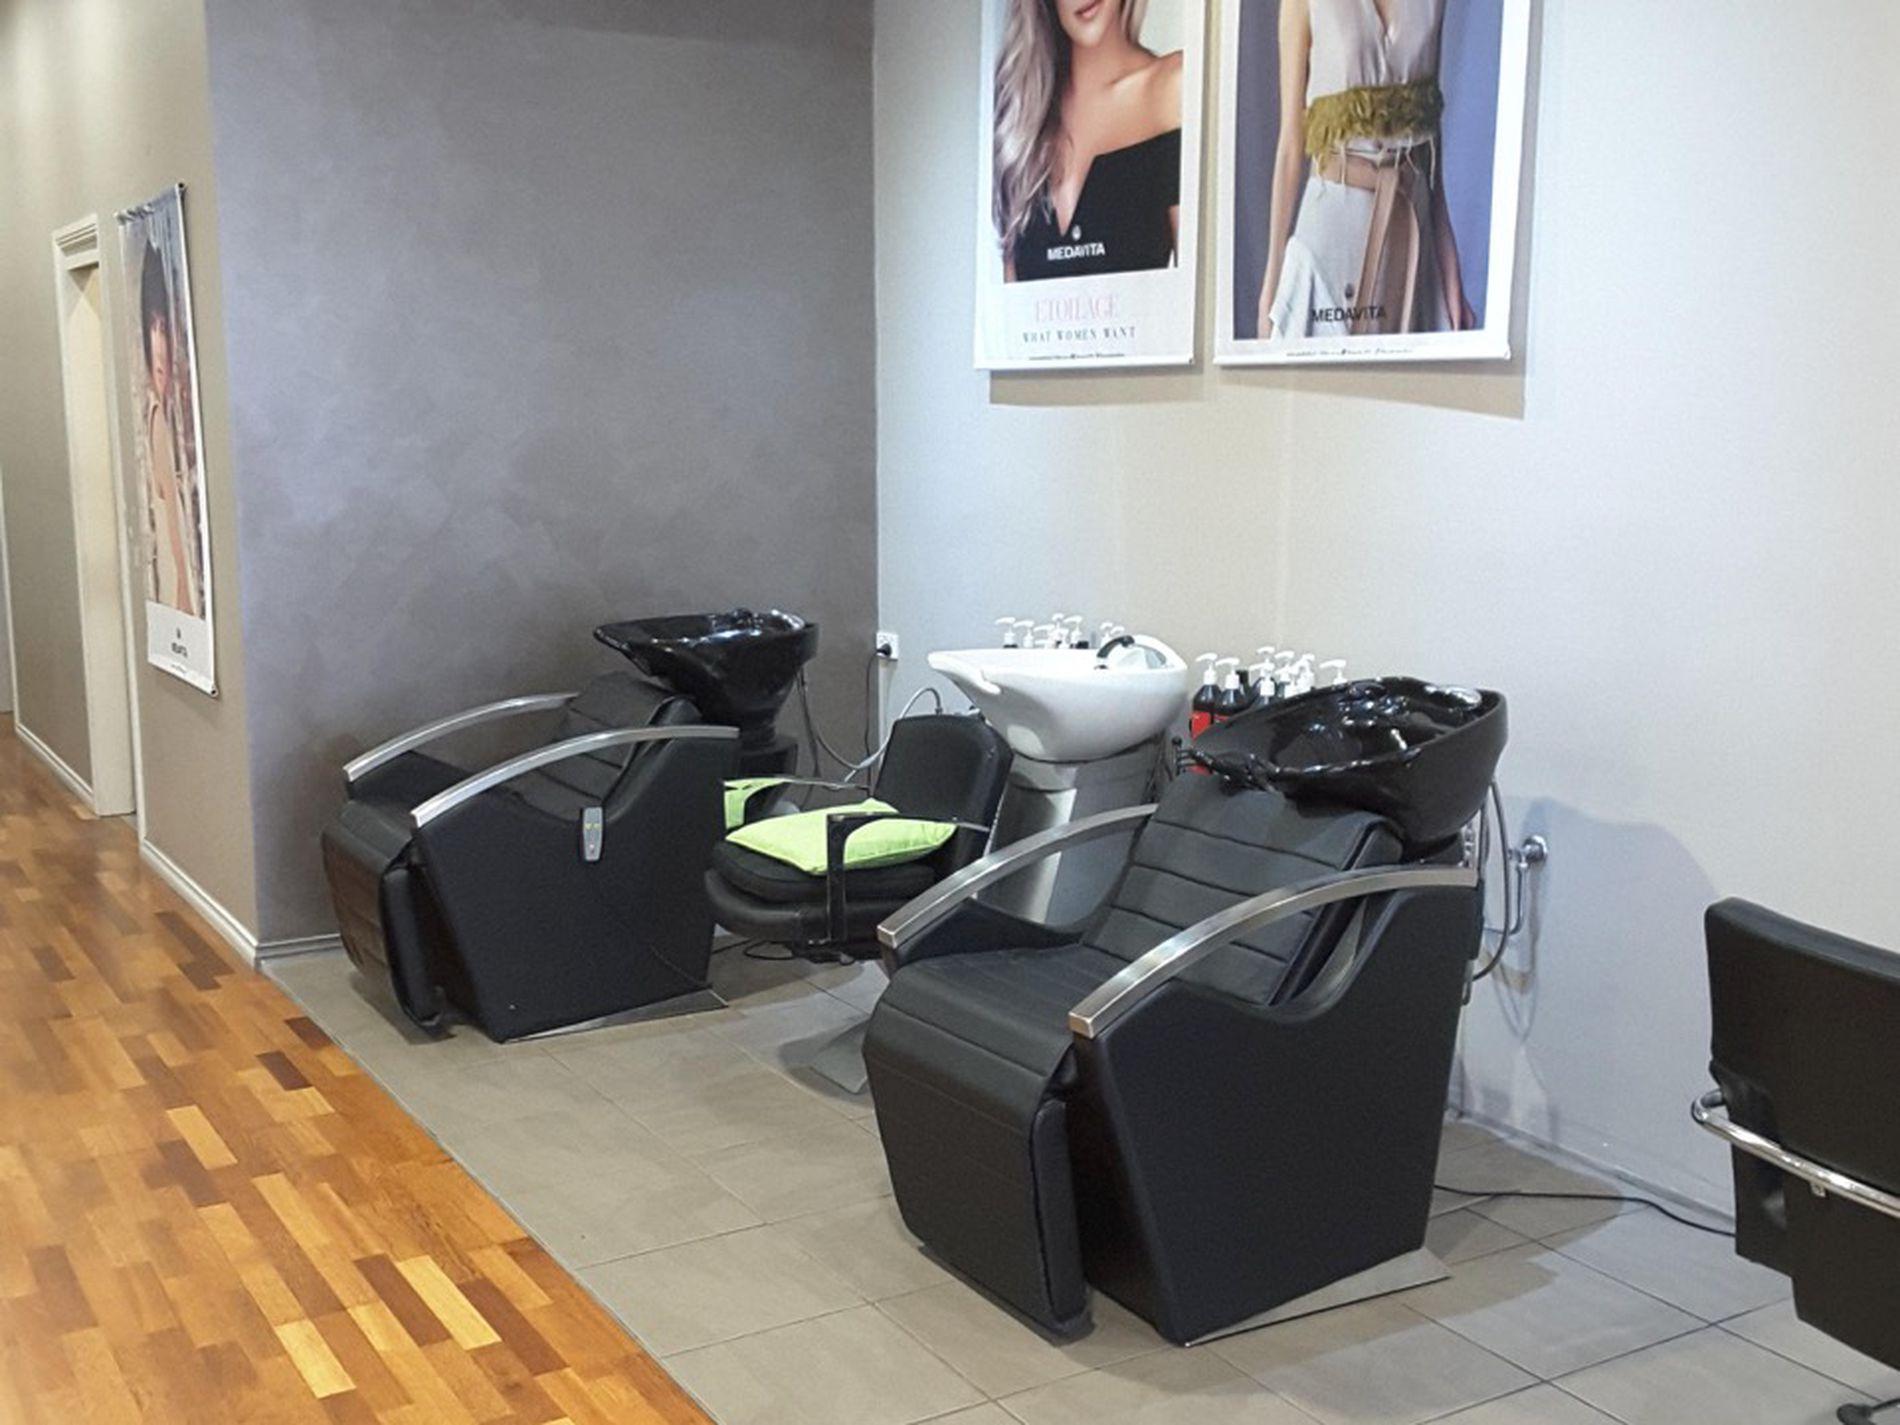 Hair Salon Business For Sale Croydon